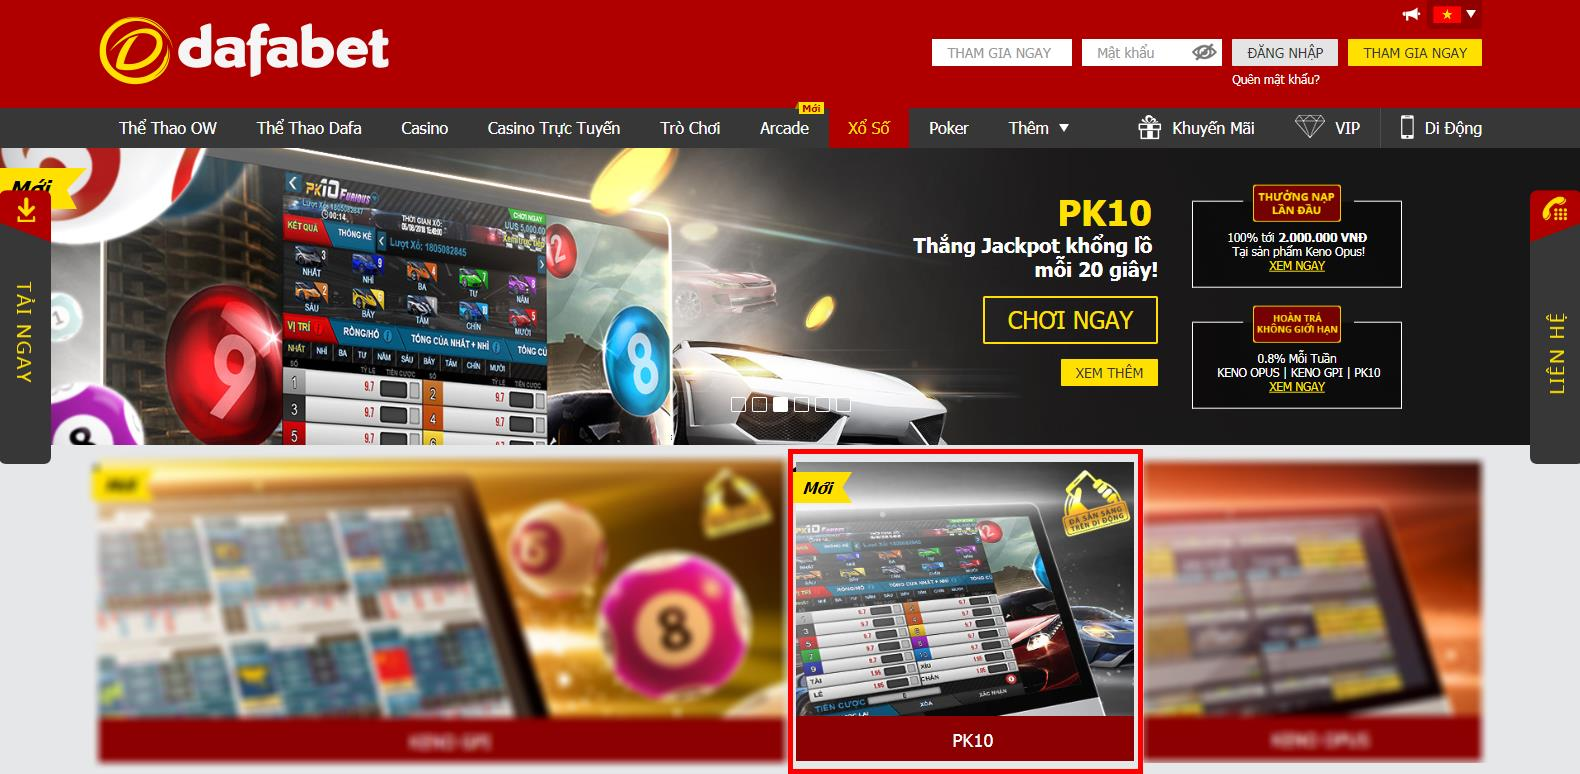 dafabet-casino-dua-o-to-ao-pk10_2